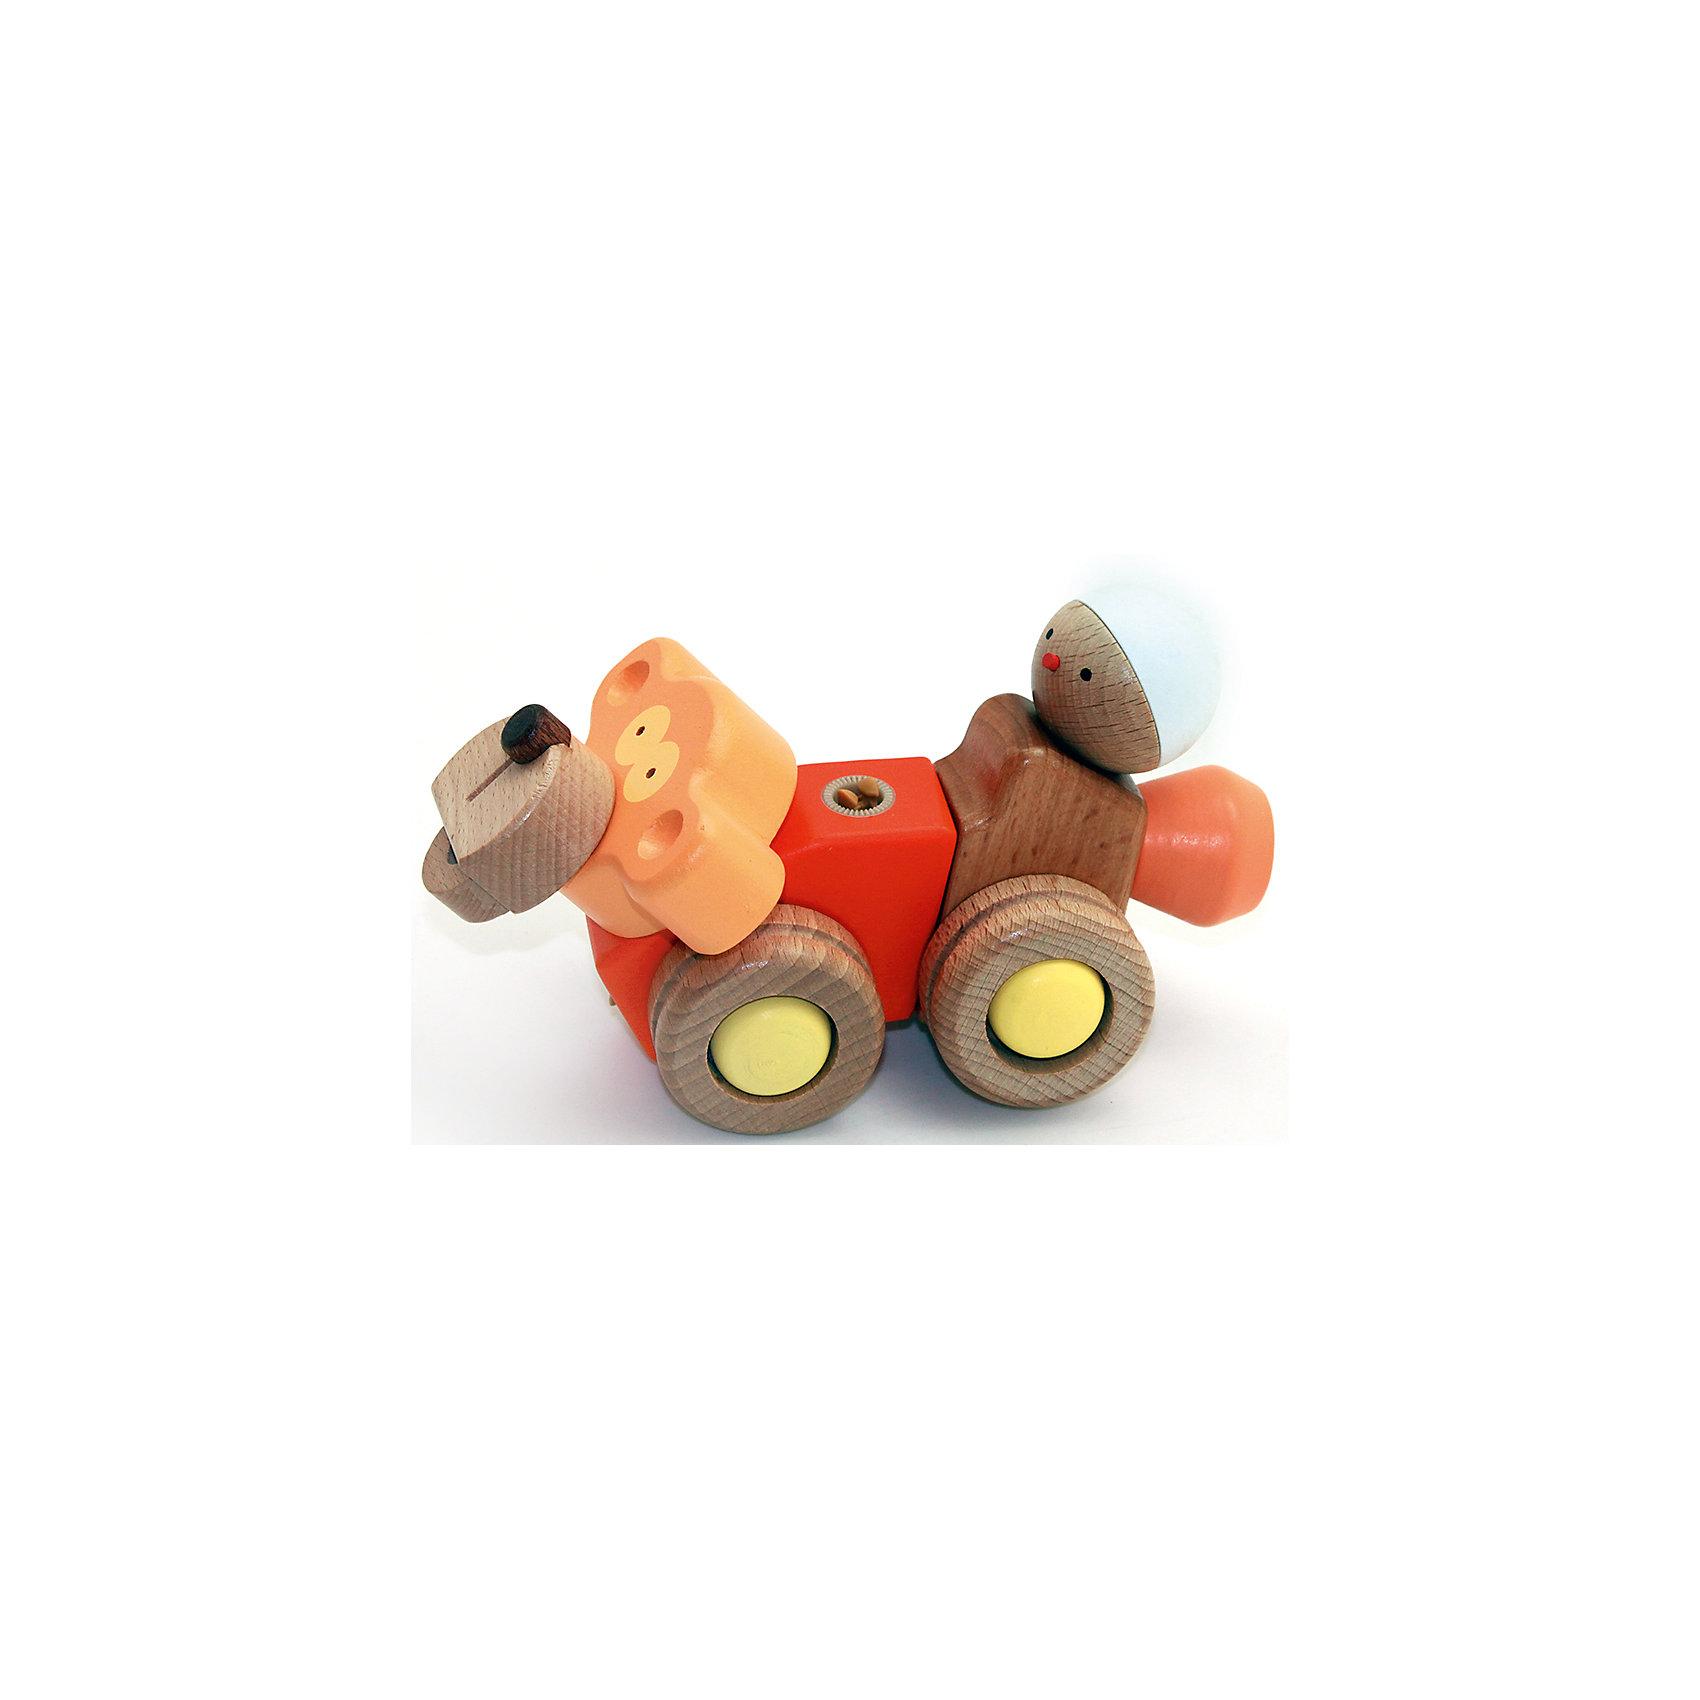 Деревянная игрушка Обезьяна, EQBДеревянная игрушка Обезьяна, EQB – это деревянный конструктор, предназначенный для раннего развития малыша.<br>Конструктор EQB включает 12 крупных деревянных элементов, с помощью которых ребенок легко сможет собрать игрушку в виде обезьянки, и 2 элемента для сборки фигурки в виде человечка. Обезьянка оснащена четырьмя колесиками, благодаря чему малыш сможет катать игрушку. Фигурку в виде человечка можно закрепить на спине обезьяны. Главная особенность конструктора - оригинальное крепление clicknturn 360. Это крепление позволяет легко соединять детали и вращать их на 360 градусов. Детали изготовлены из твердых пород древесины, окрашены натуральными красителями вручную и обработаны растительными маслами для создания ровной и гладкой поверхности. Конструктор полностью безопасен для детей. Тренирует усидчивость, мелкую моторику руку и развивает навыки конструирования с раннего детства. В комплект входит текстильный мешочек, затягивающийся сверху на кулиску, в котором удобно хранить конструктор.<br><br>Дополнительная информация:<br><br>- В наборе: 14 деталей, мешочек, инструкция<br>- Размер готовой игрушки: 7,5 х 17 х 11,5 см.<br>- Материал: древесина<br>- Размер упаковки: 10 x 19,5 x 8,5 см.<br>- Вес: 280 гр.<br><br>Деревянную игрушку Обезьяна, EQB можно купить в нашем интернет-магазине.<br><br>Ширина мм: 100<br>Глубина мм: 195<br>Высота мм: 85<br>Вес г: 280<br>Возраст от месяцев: 36<br>Возраст до месяцев: 96<br>Пол: Унисекс<br>Возраст: Детский<br>SKU: 4387469